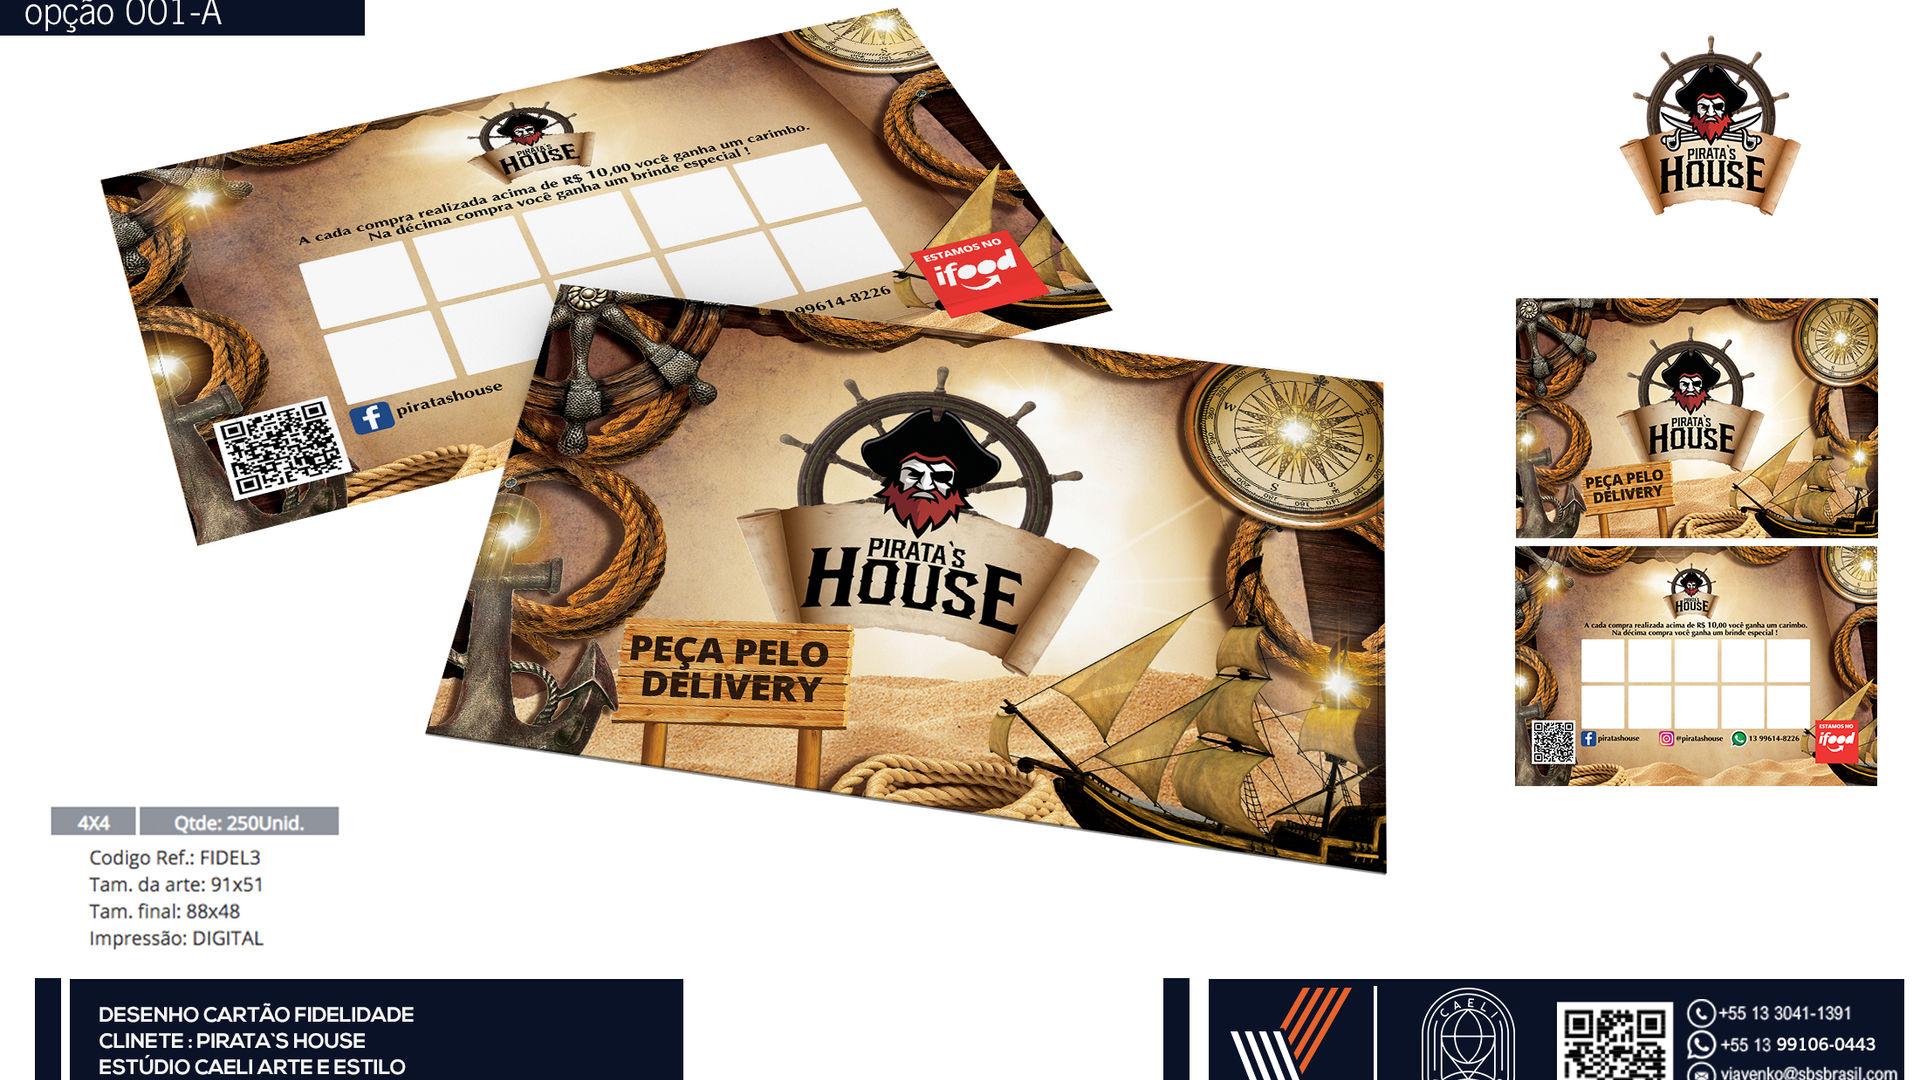 cartão_fidelidade_PIRATA_HOUSE_001.jpg